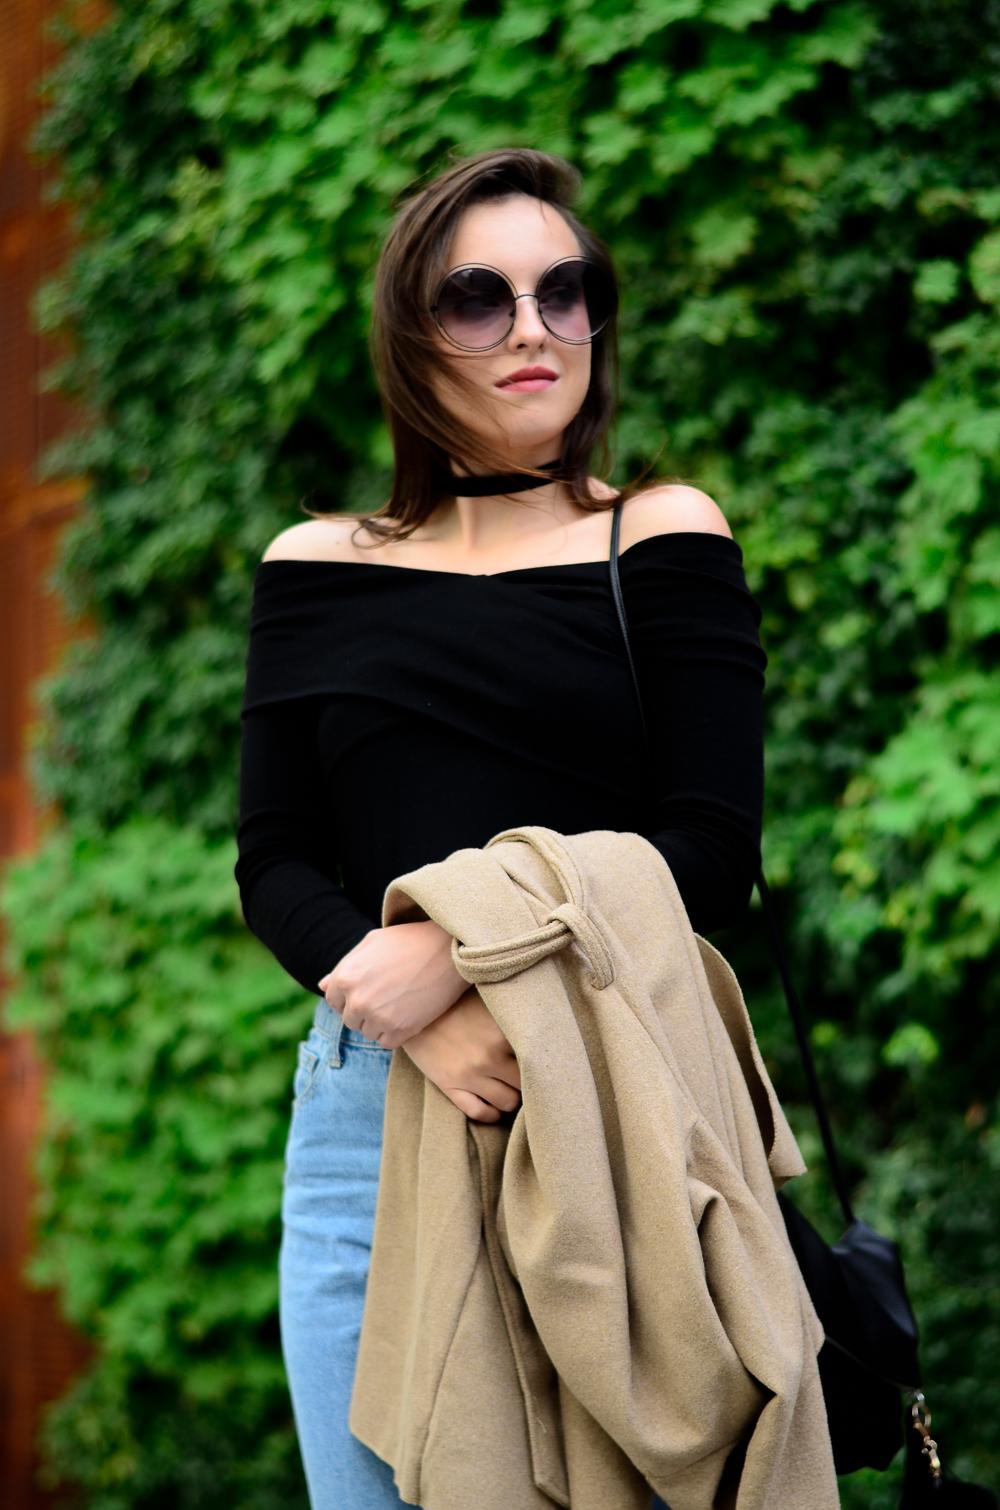 choker moda blog płaszcz odkryte ramiona bluzka